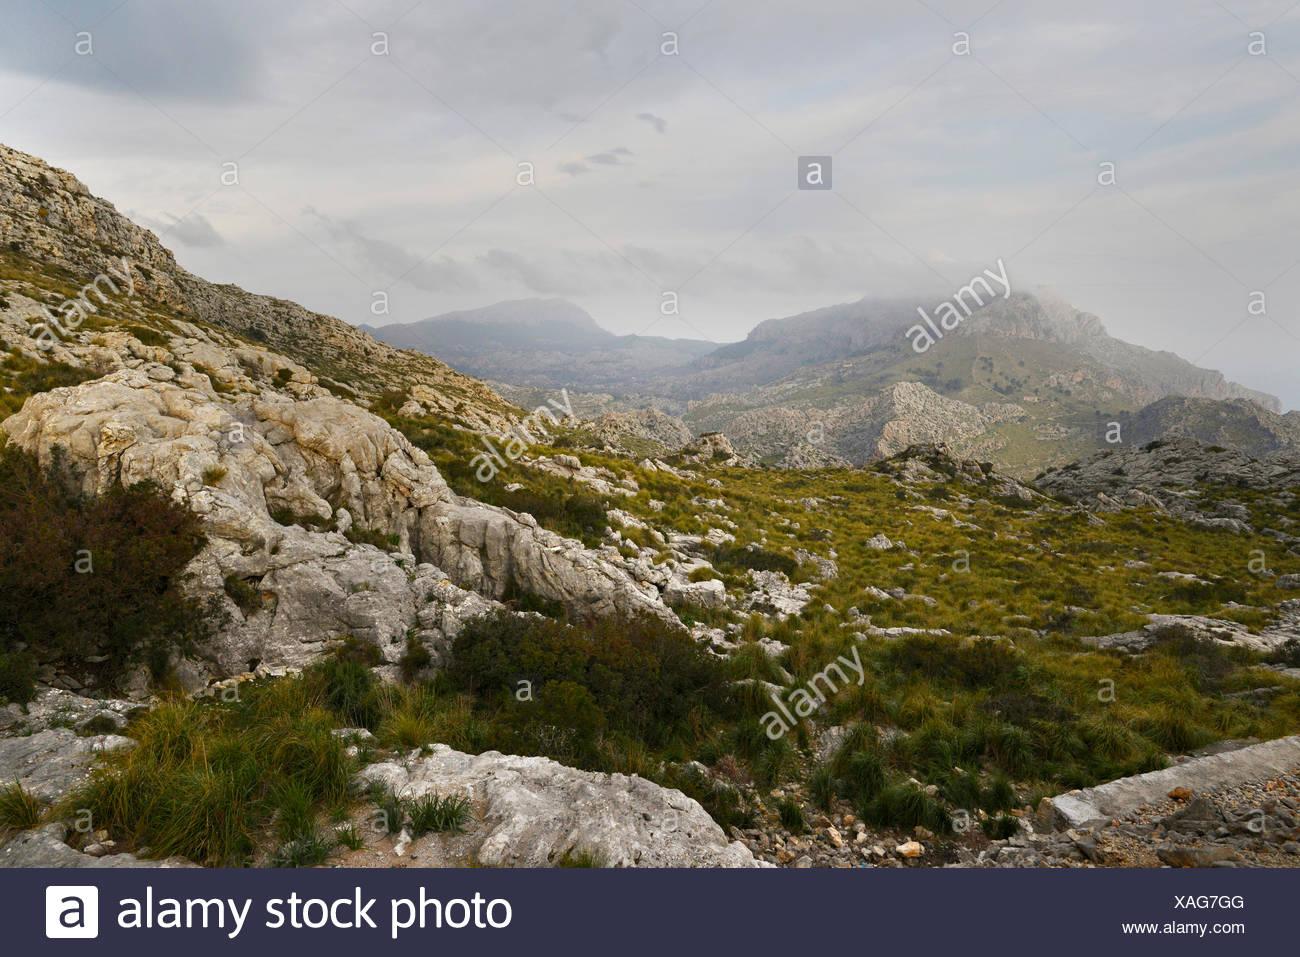 mountains of the Serra de Tramuntana in mist, Spain, Balearen, Majorca Stock Photo